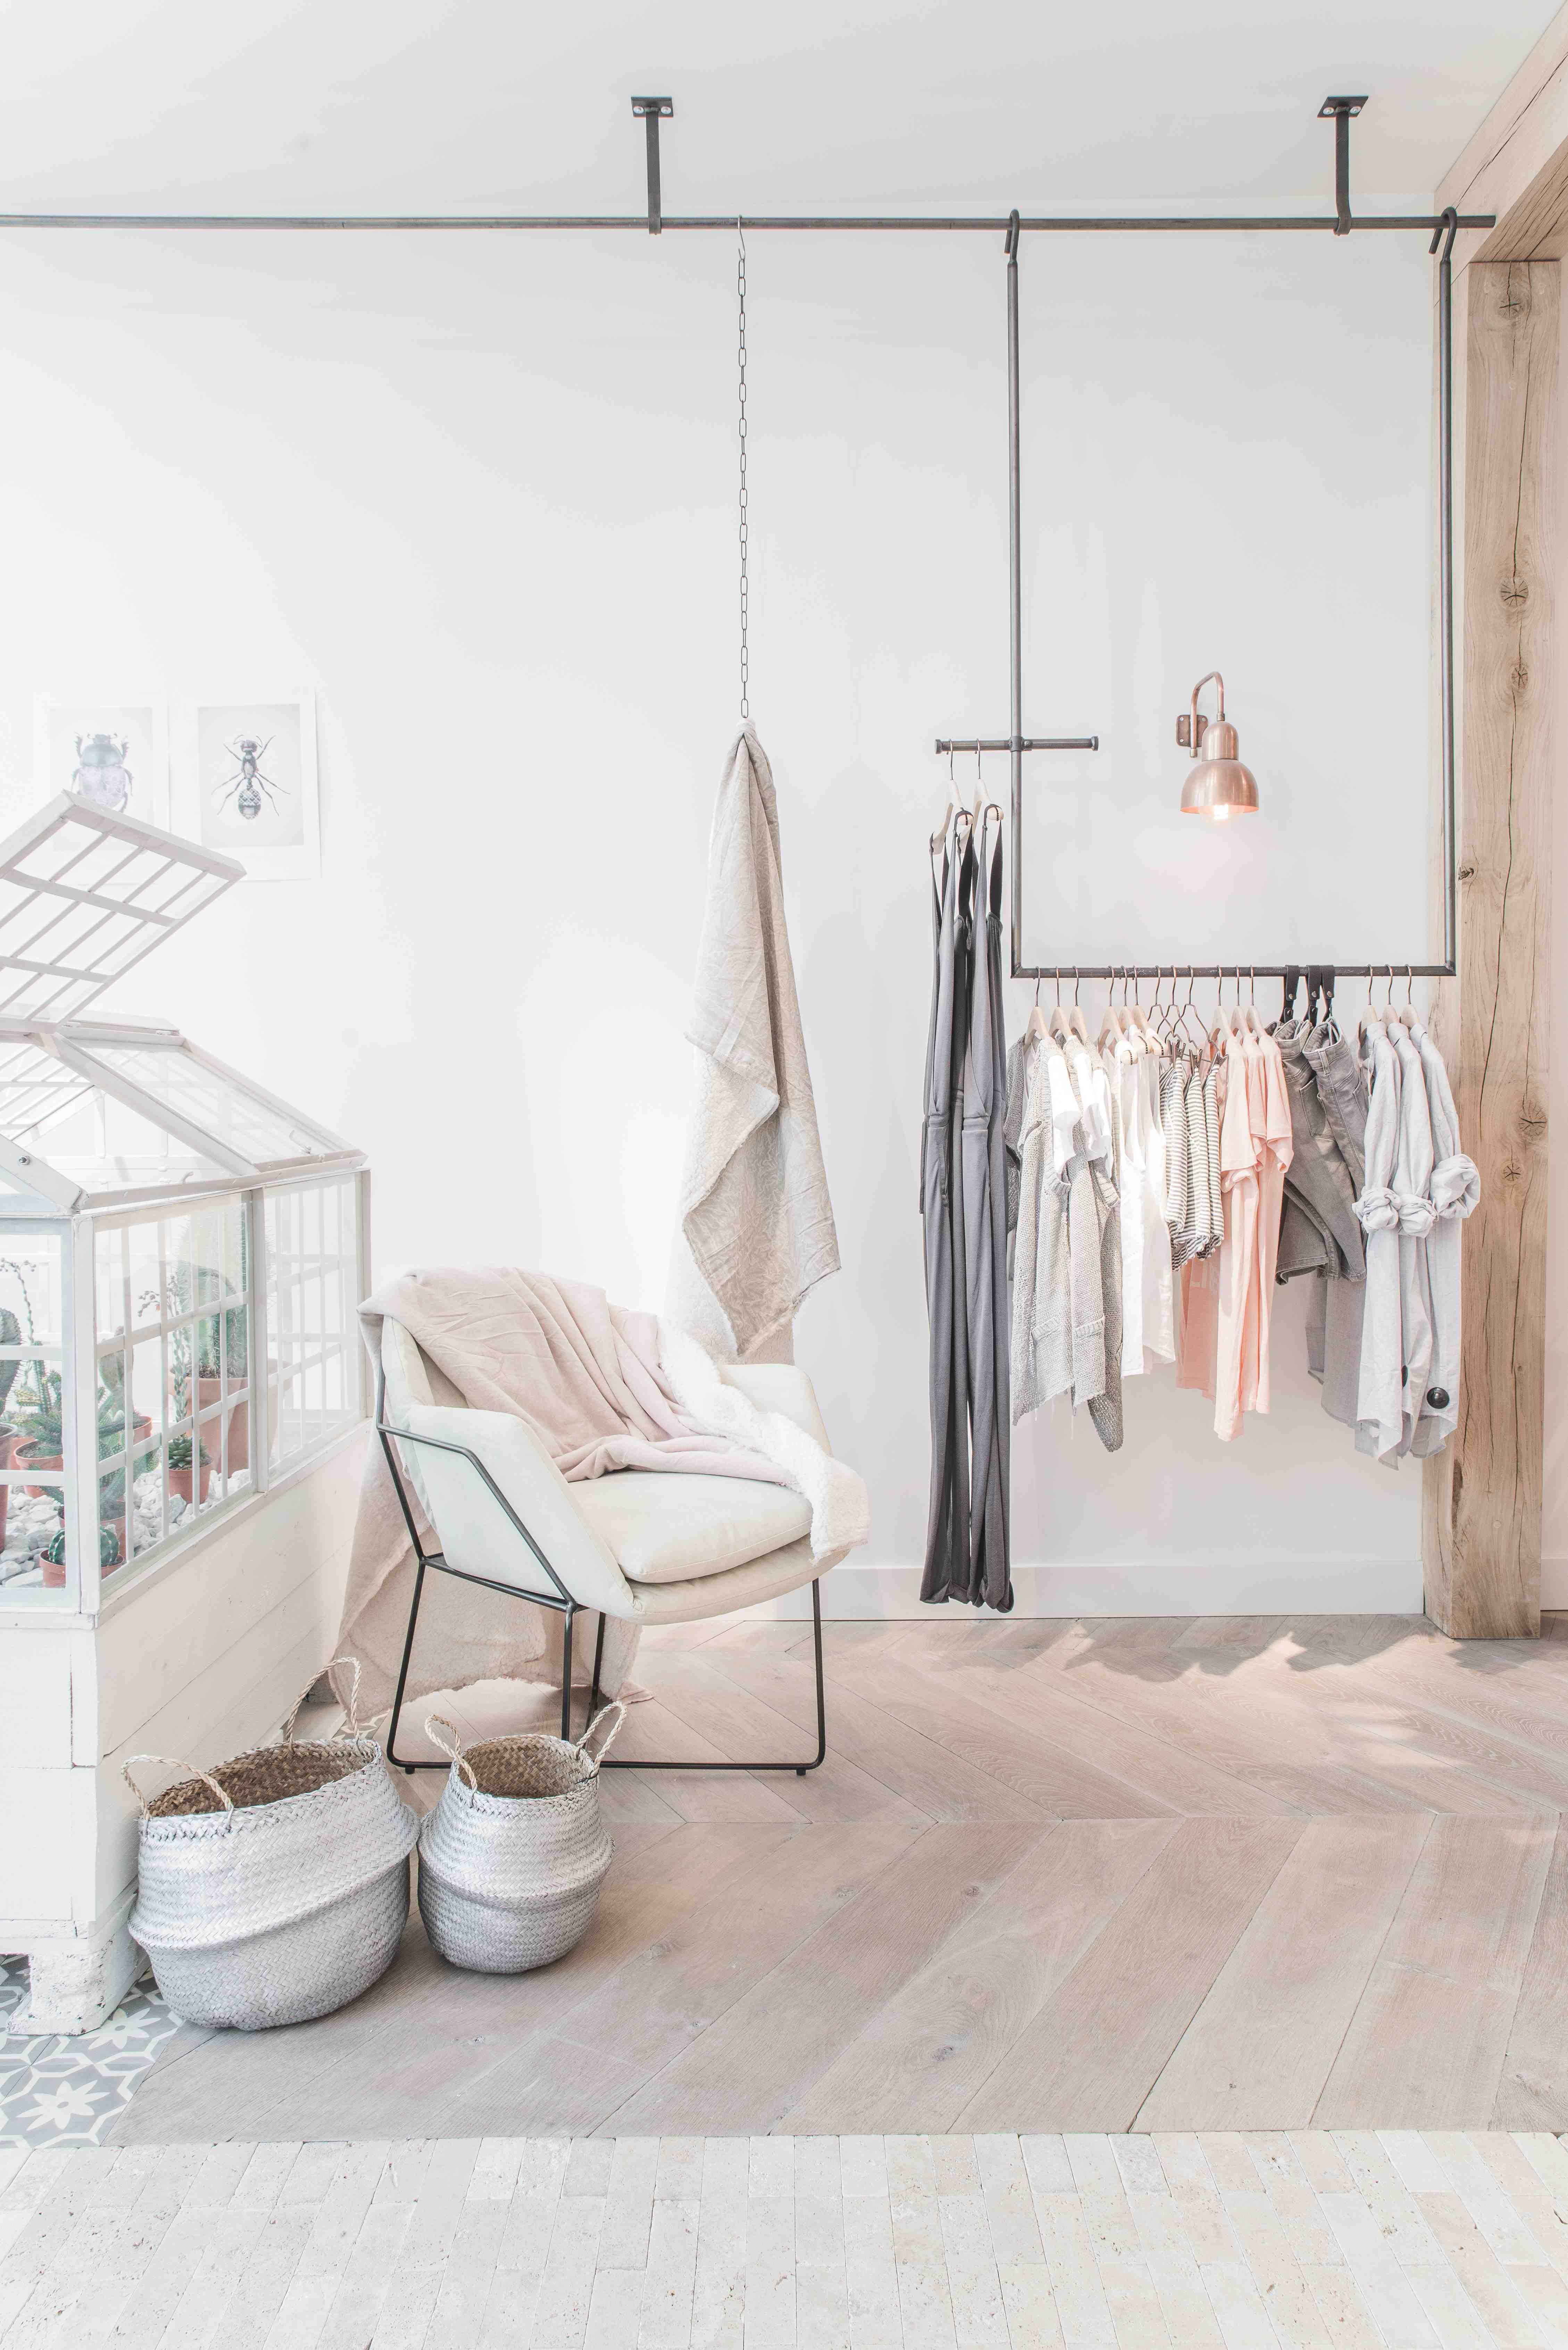 Shop de nieuwe collectie van Aaiko op https://www.shoeboxmode.nl/nl ...